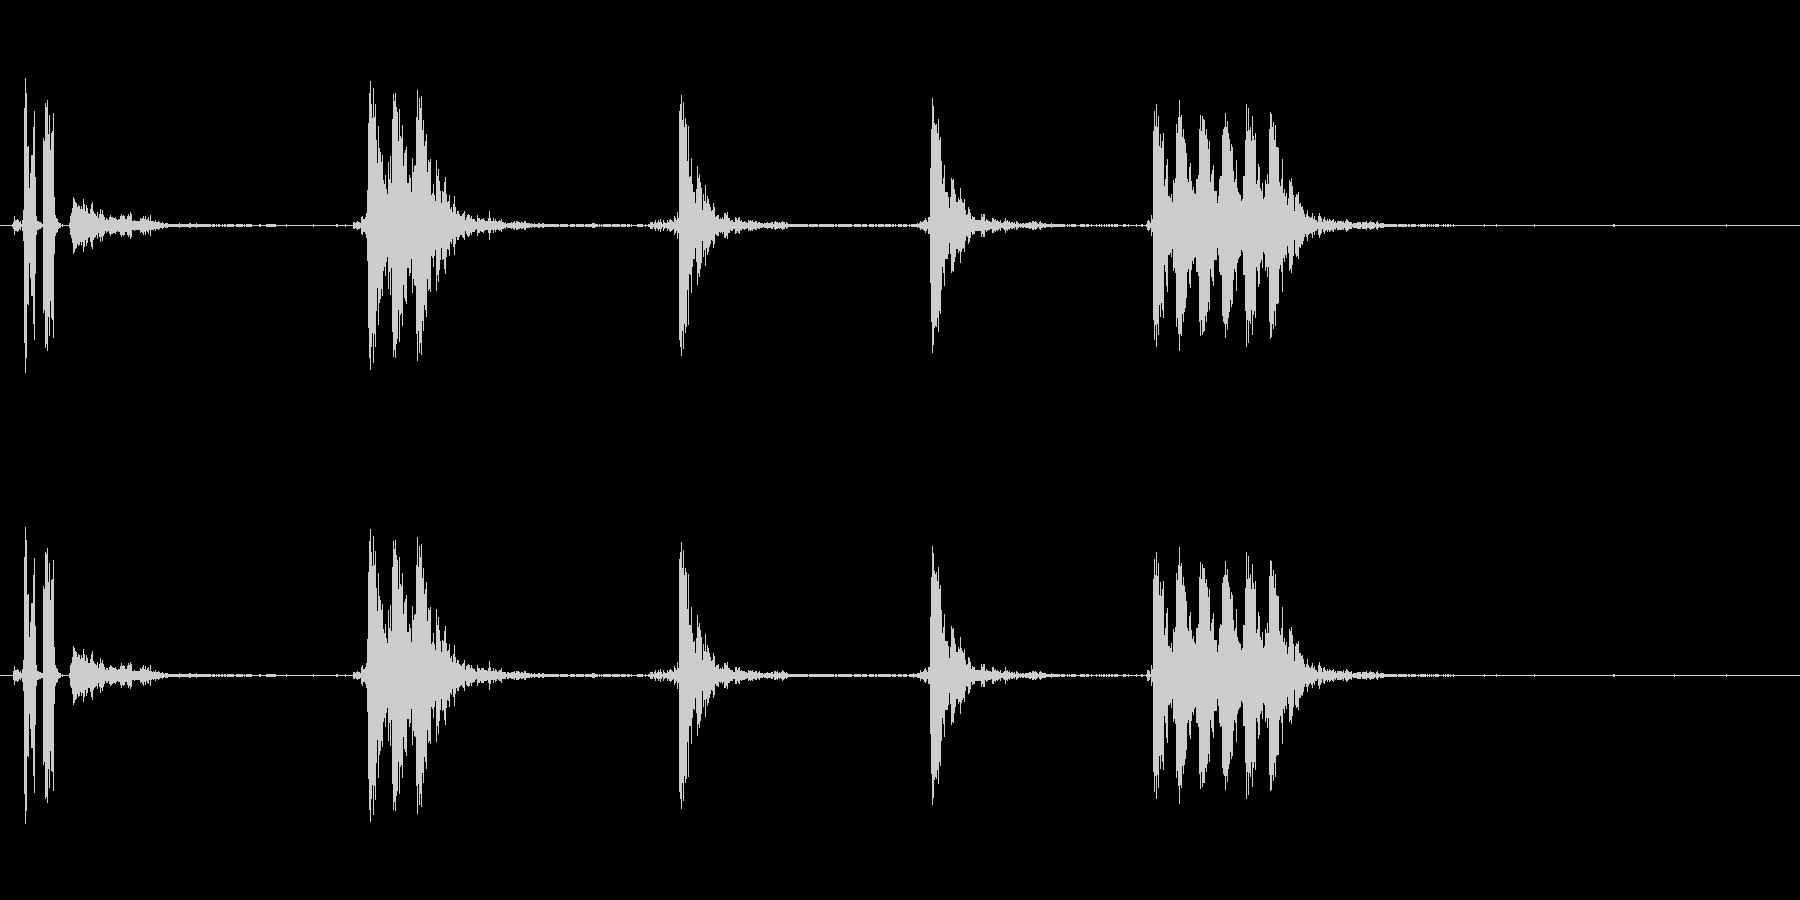 銃の音 (3)の未再生の波形